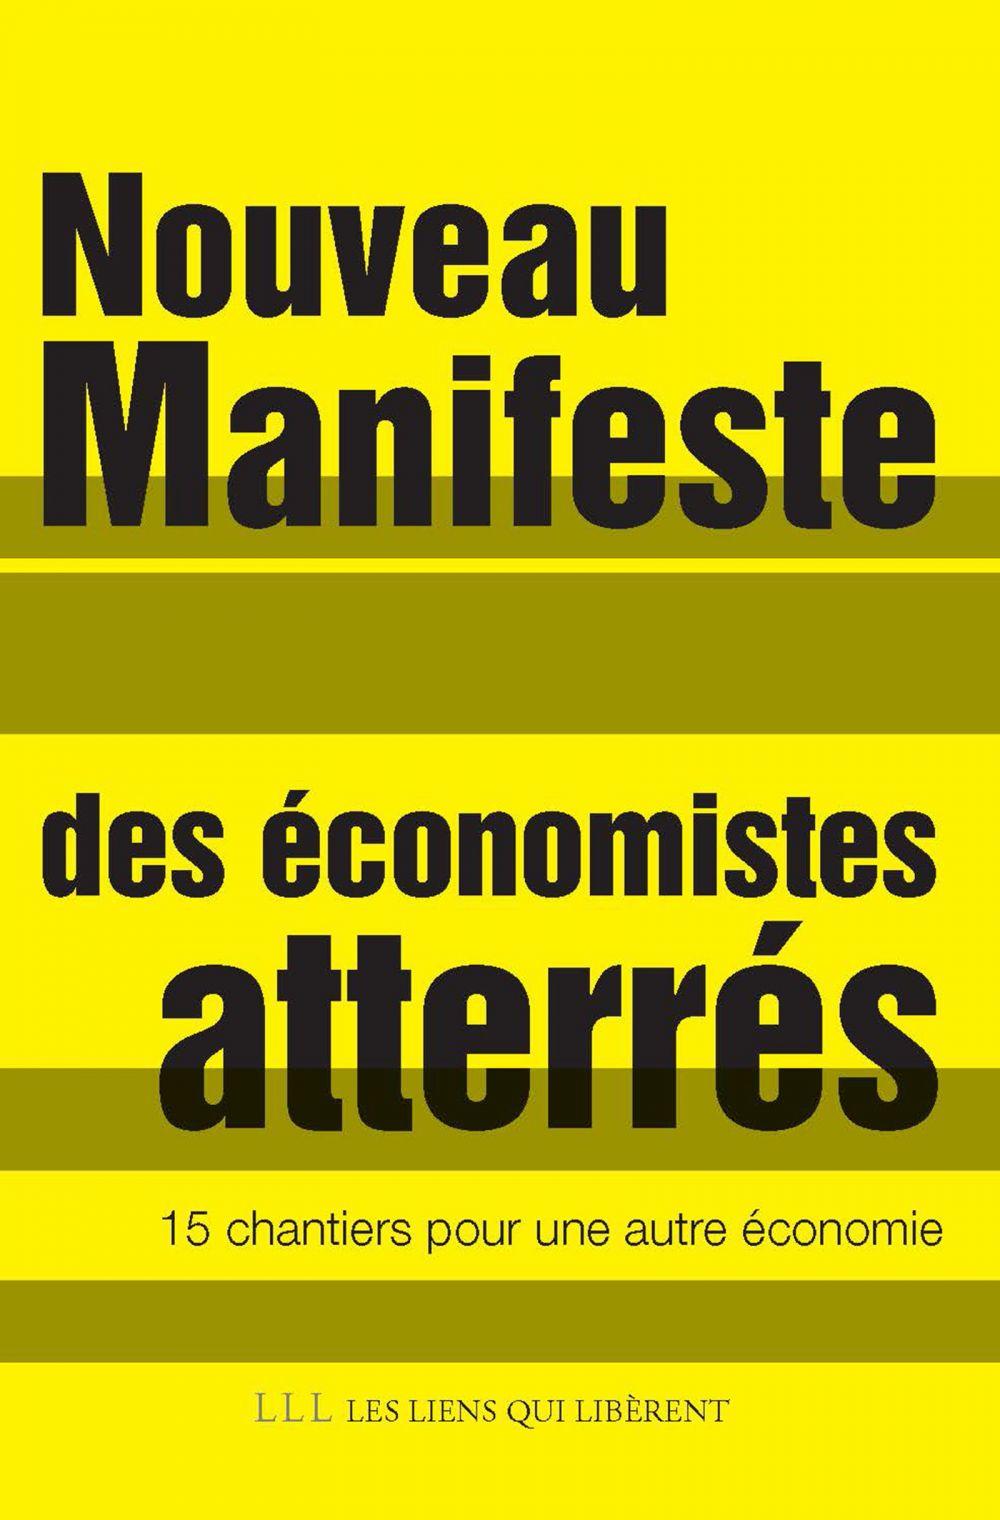 Nouveau Manifeste des économistes atterrés | Economistes atterrés. Auteur